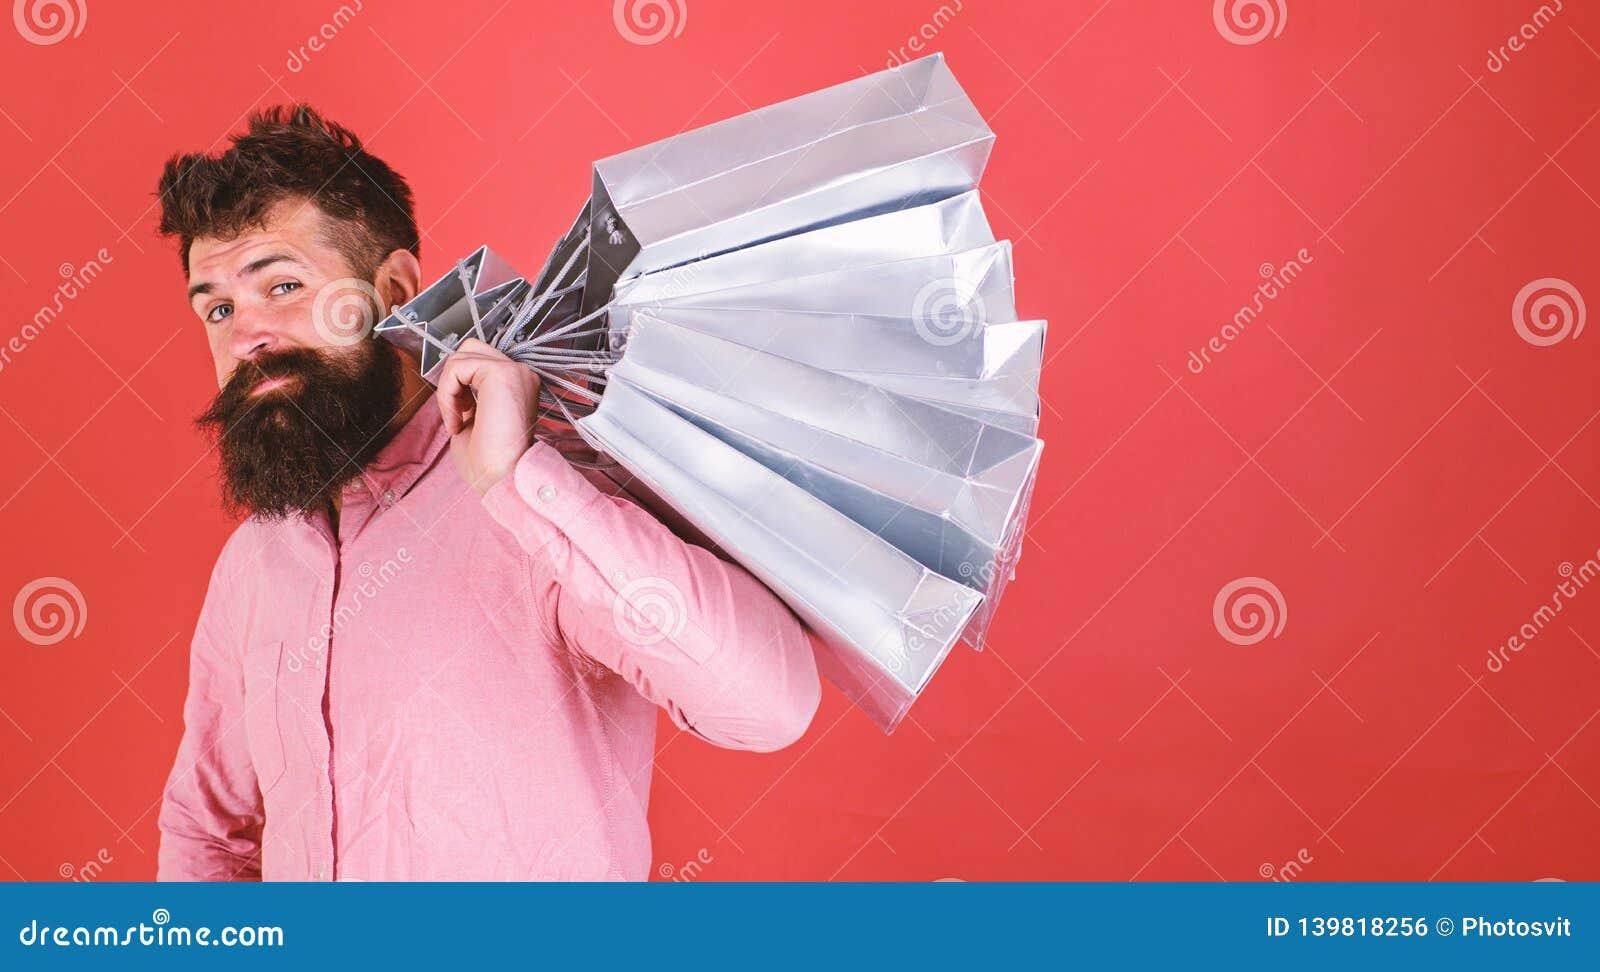 凉快的面孔的shopaholic的行家是购物使上瘾或 在销售季节的人购物与折扣 背景袋子概念行程购物的白人妇女